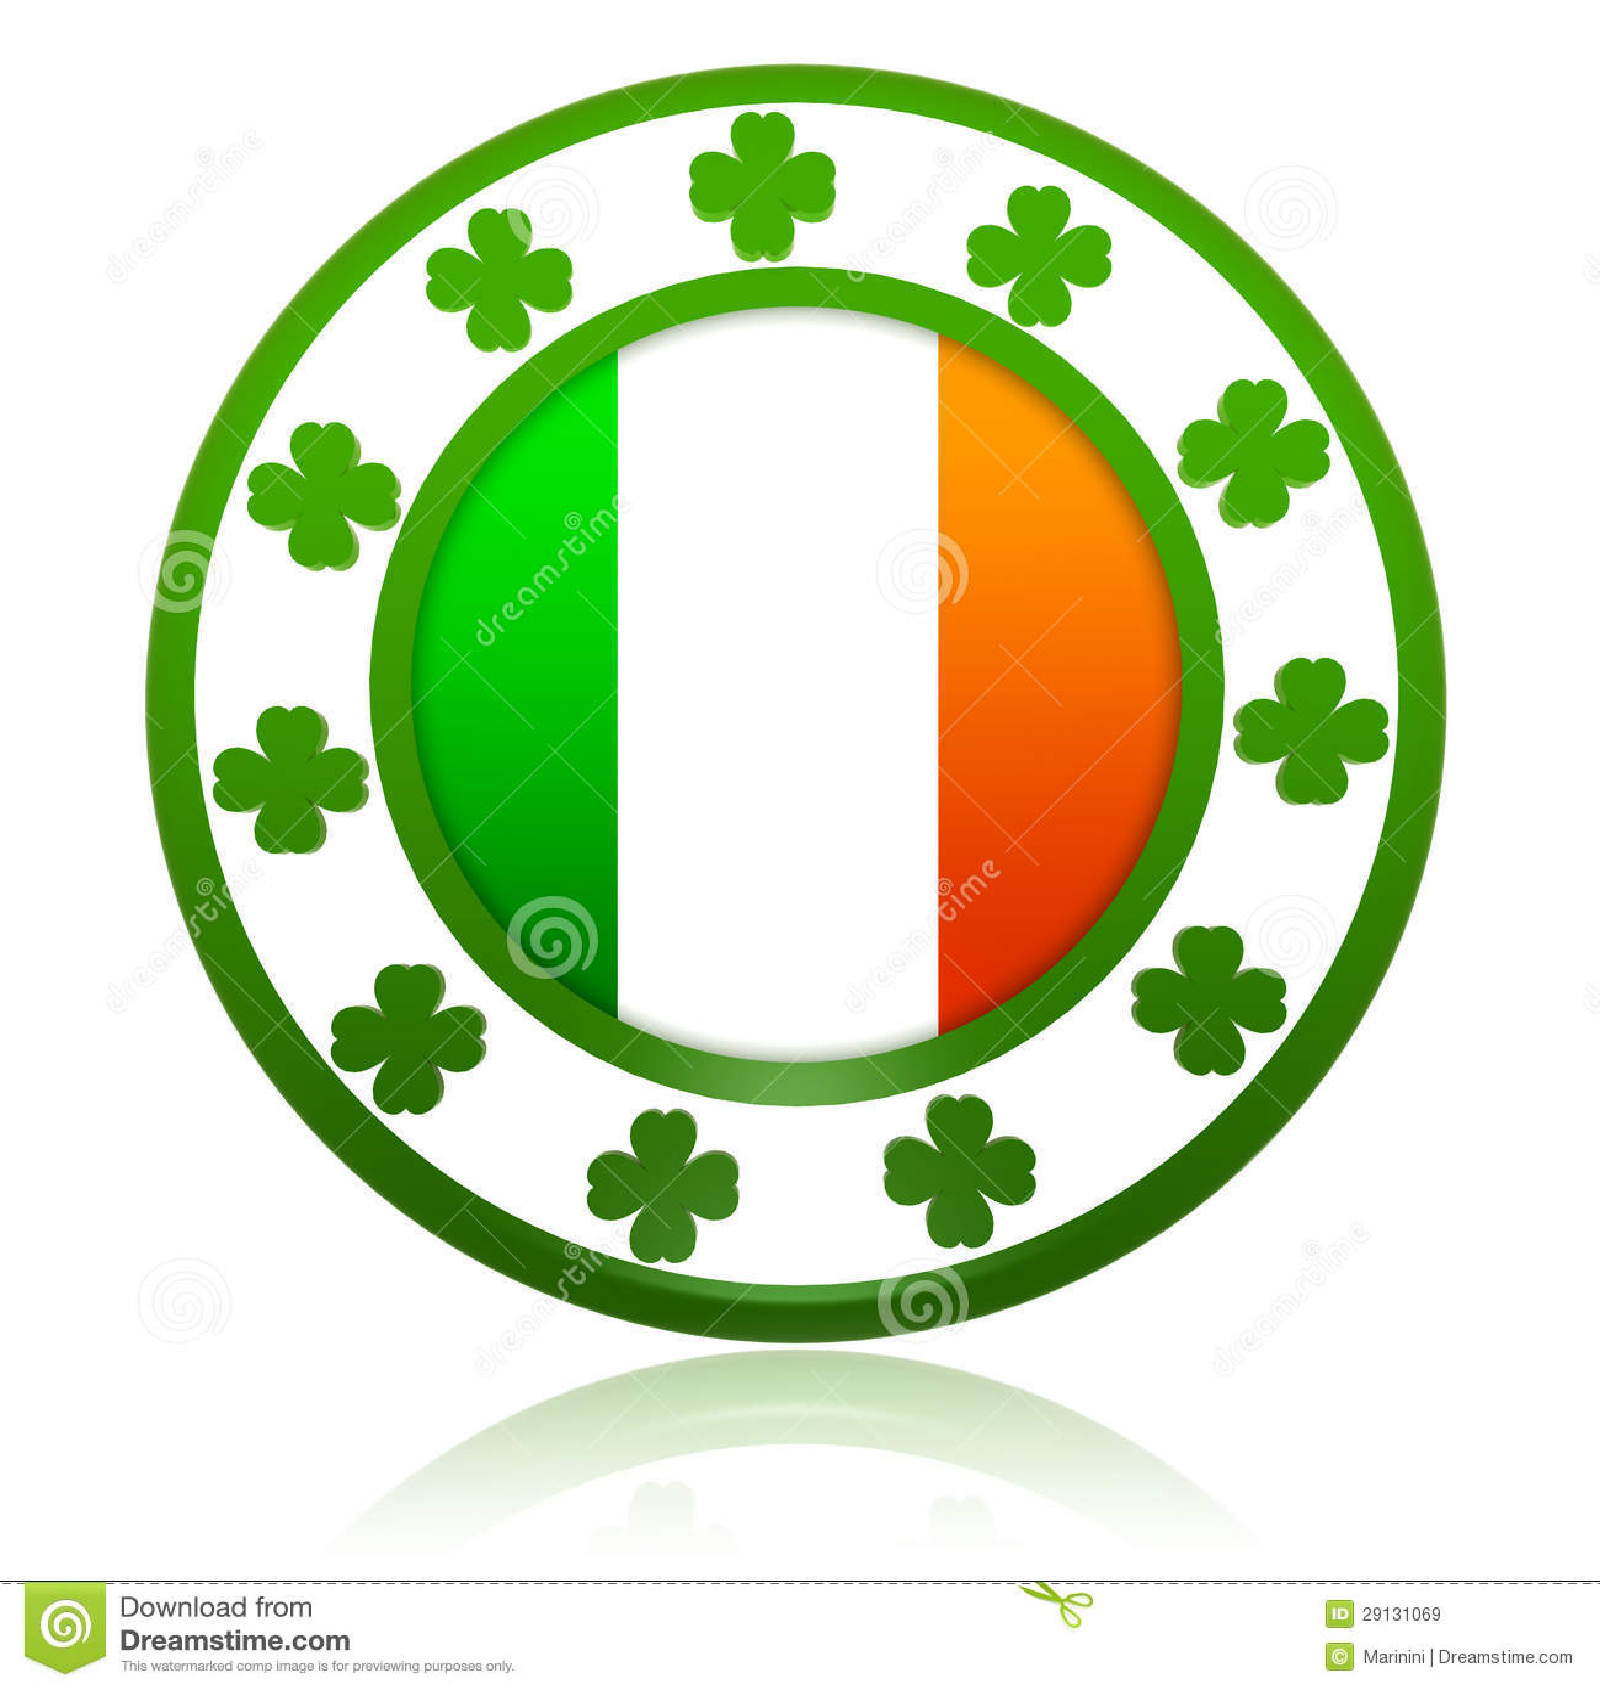 ireland button flag round shape stock image image 6592441